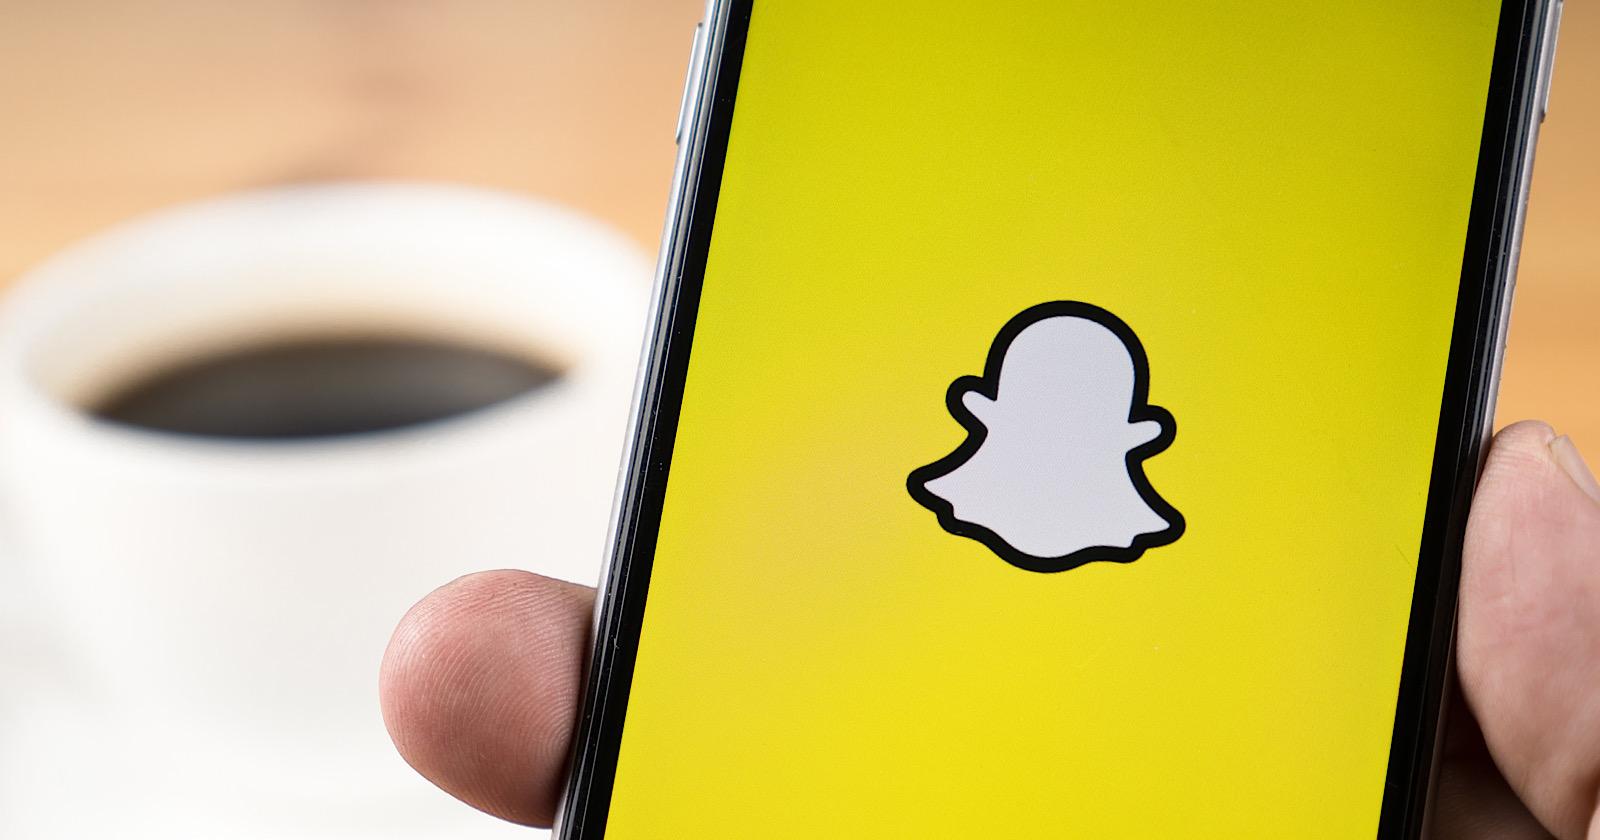 Snapchat đang hoạt động theo COVID19. Dữ liệu cho thấy cách thay đổi hành vi của người dùng 1